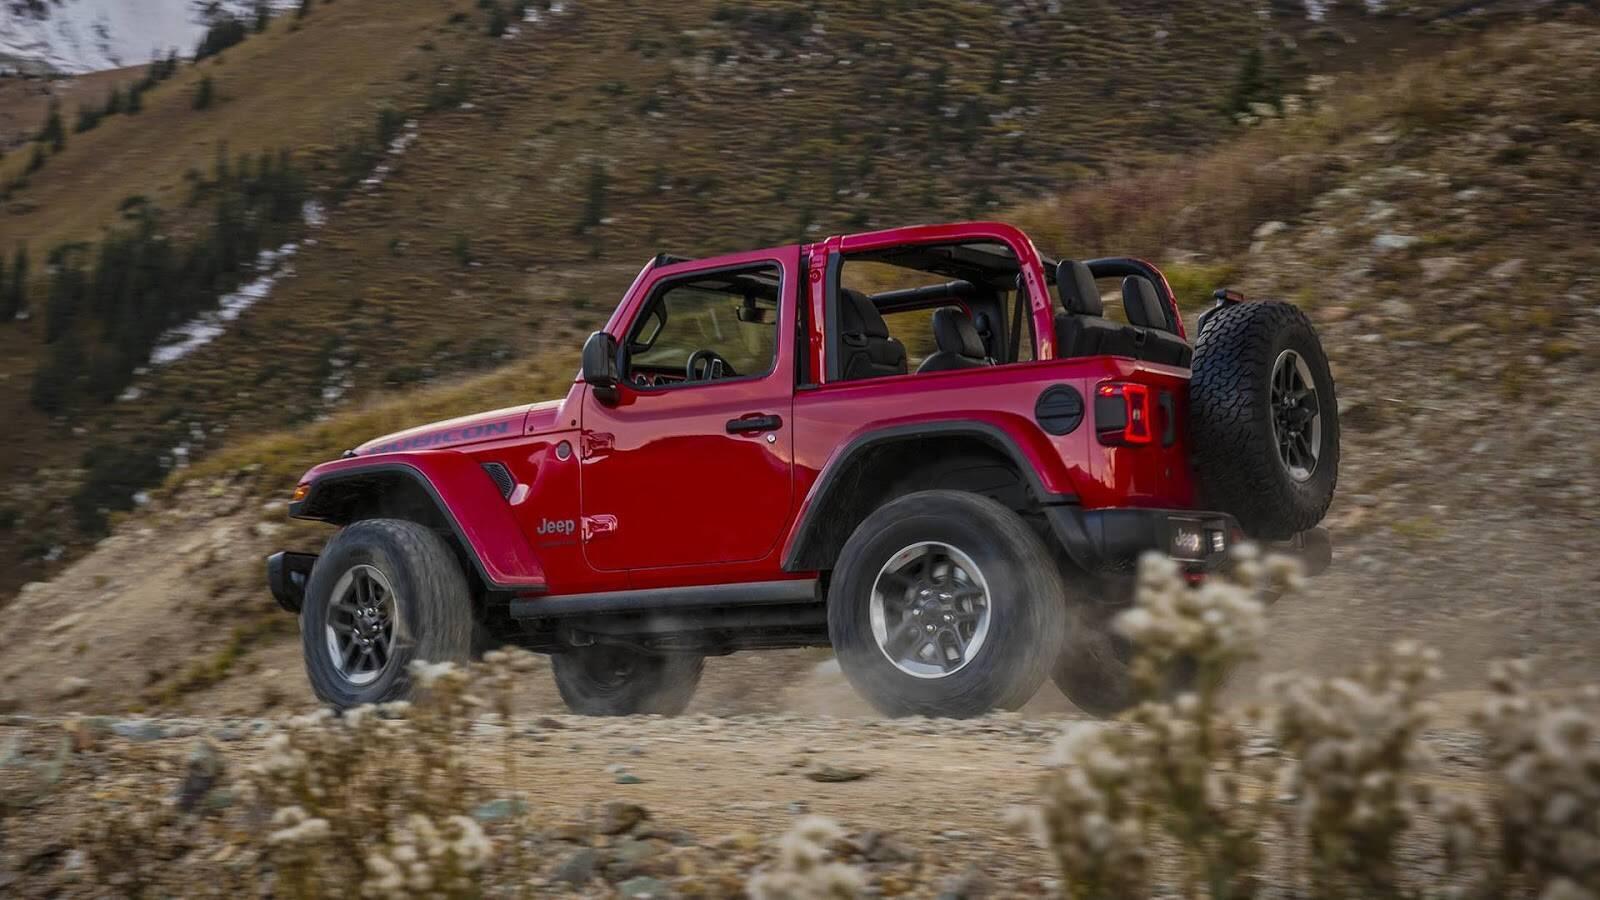 Jeep Wrangler 2018. Foto: Divulgação